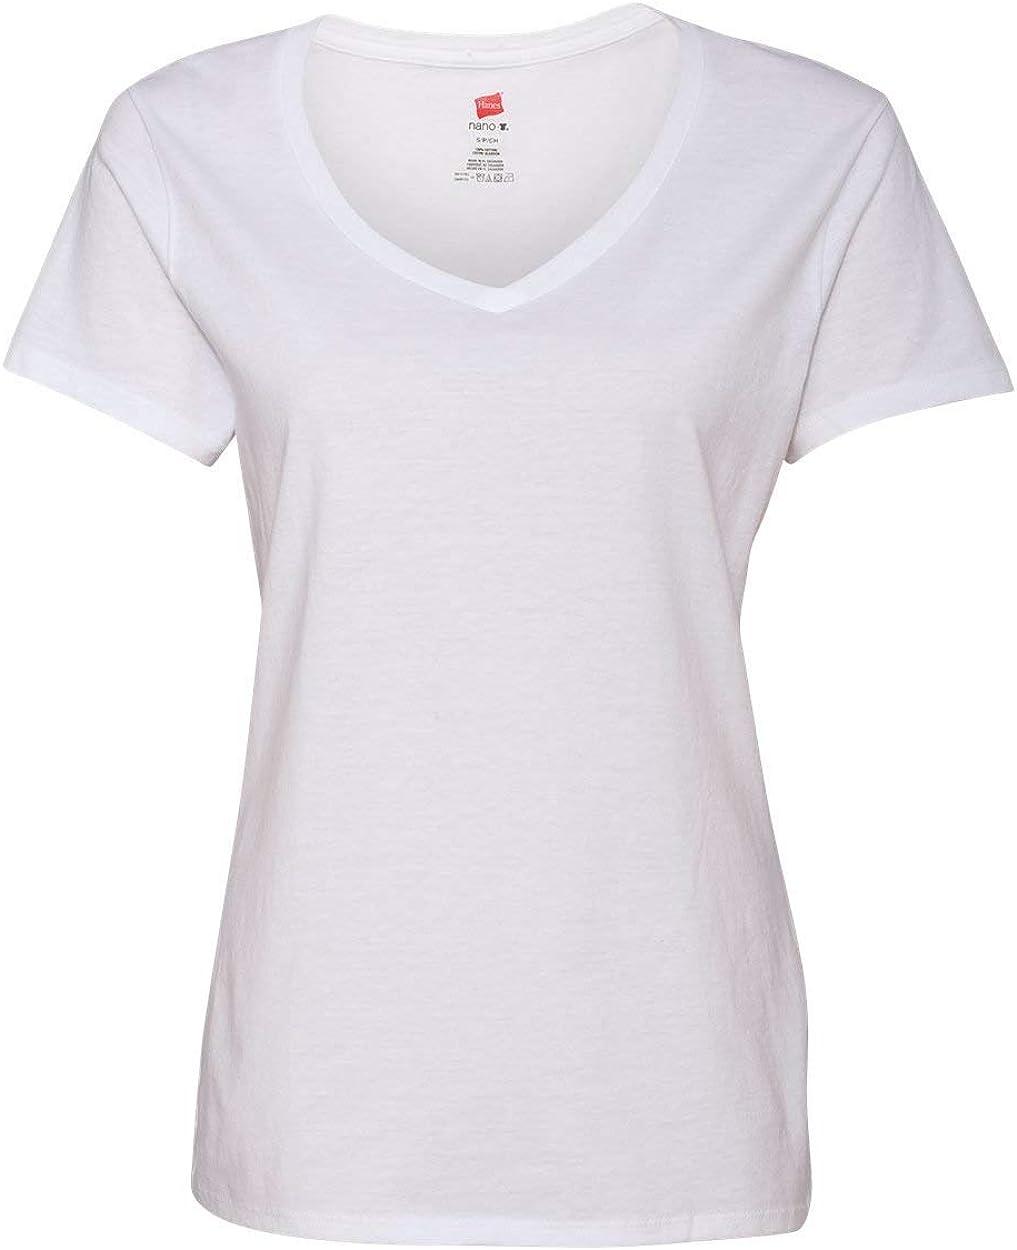 Hanes Womens Short Sleeve Nano-T V-Neck Tee